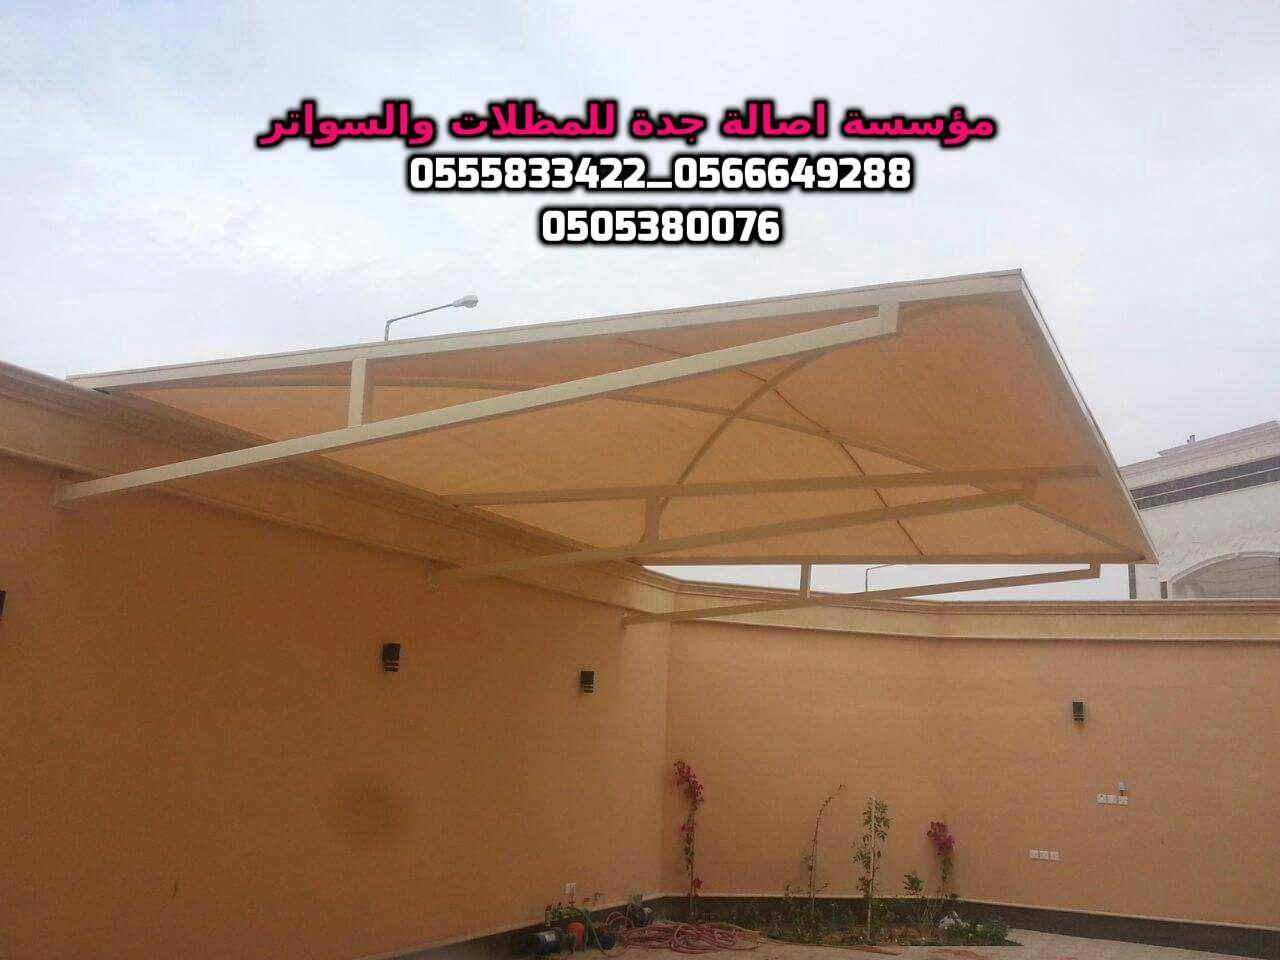 مؤسسة اصالة متخصصين خدمات المظلات 0505380076 _0555833422_0566649288